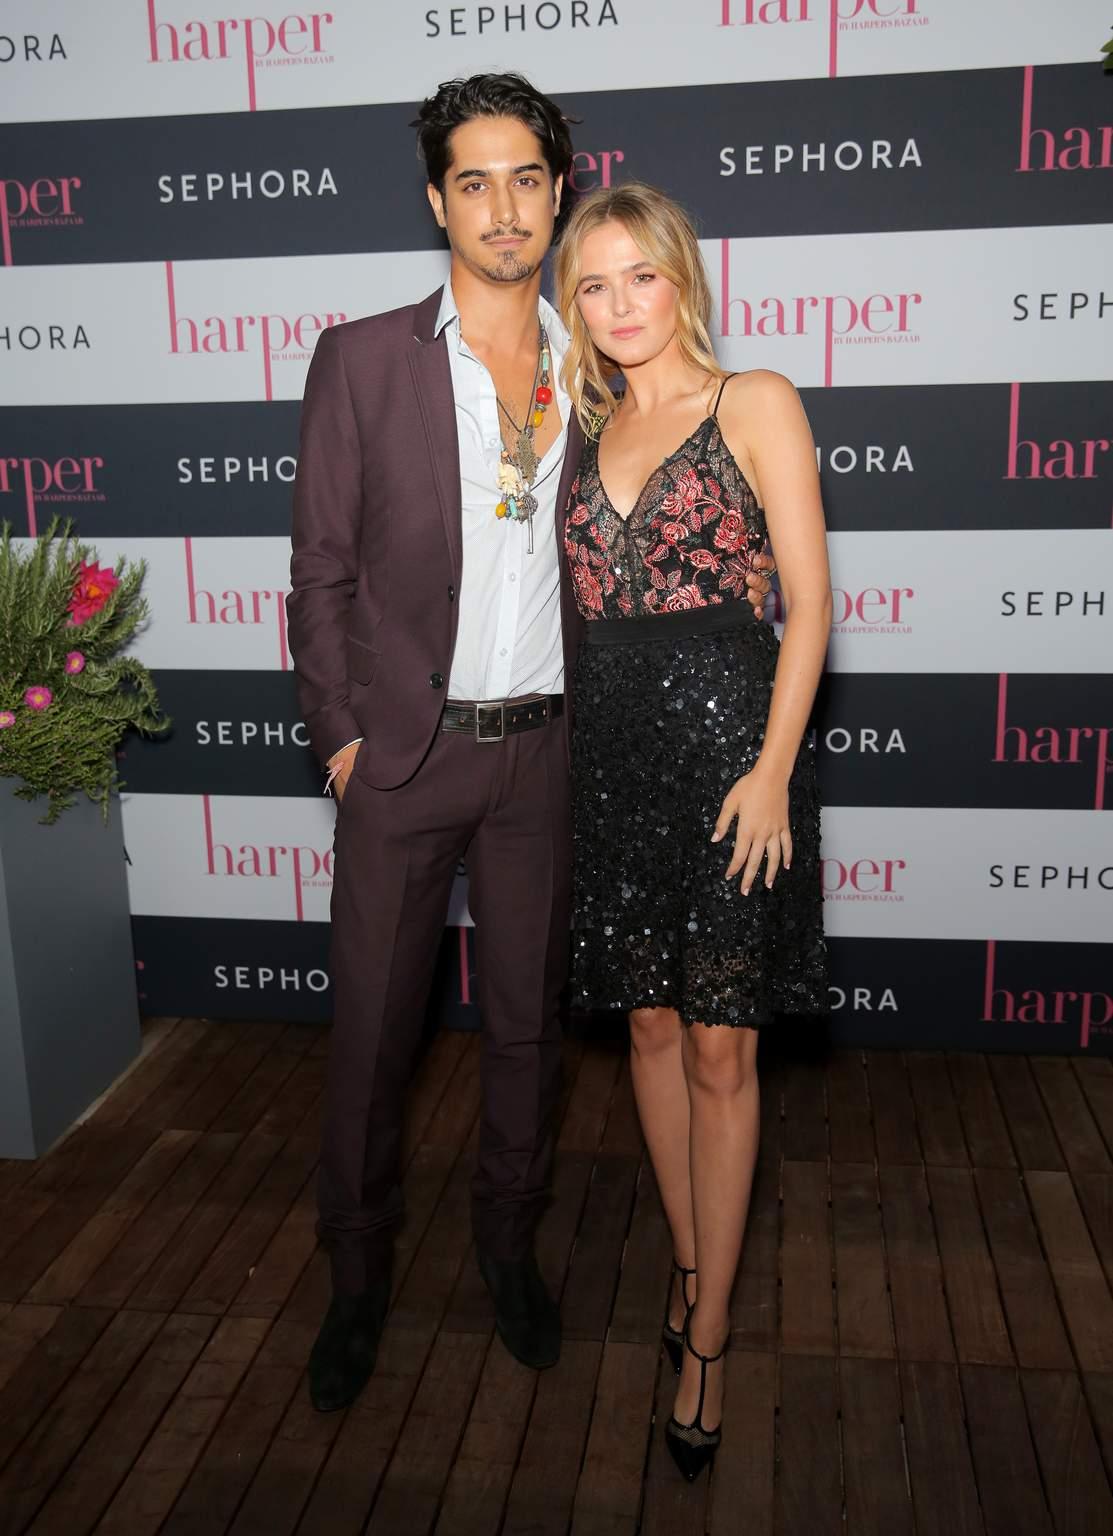 Zoey Deutch HQ Photos in Harper's Bazaar September Issue Party